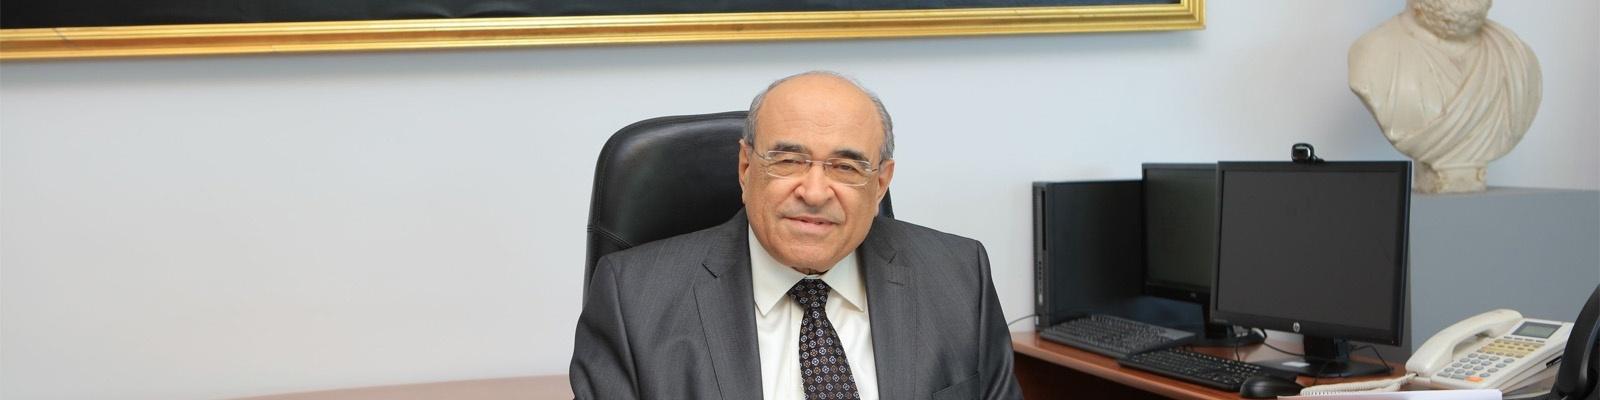 الدكتور مصطفى الفقي يتسلم مهام عمله كمدير لمكتبة الإسكندرية